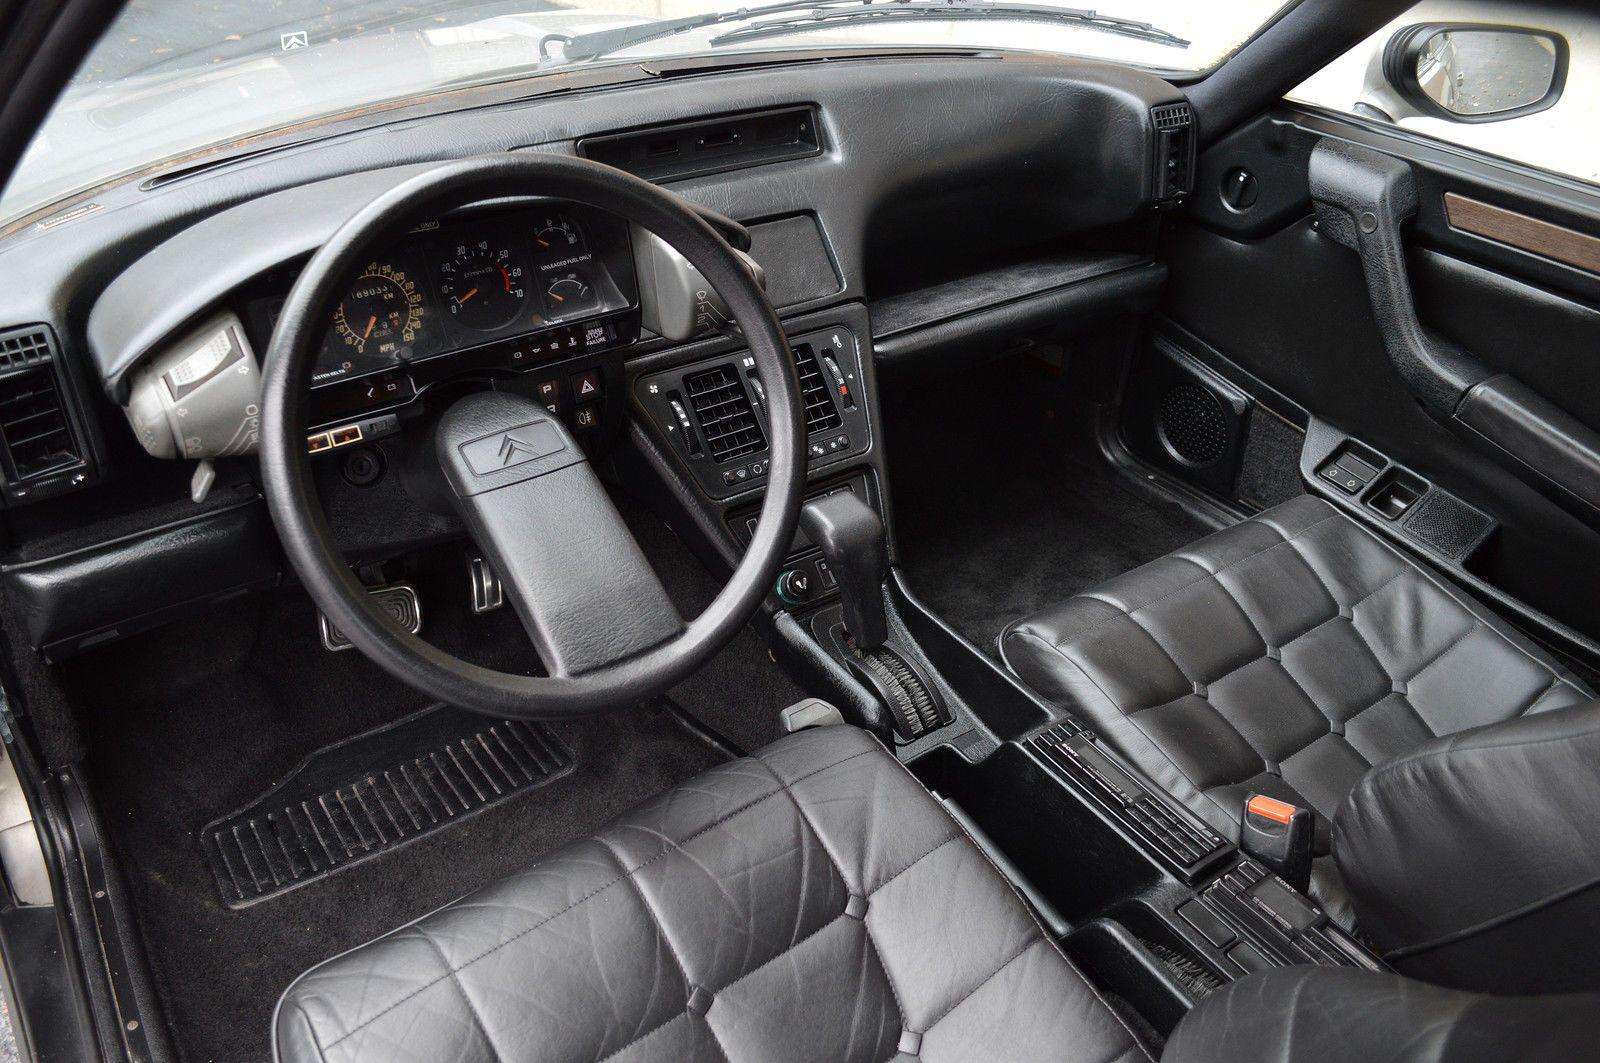 citroen cx prestige 1986 citroen cx citroen ds cars classic cars. Black Bedroom Furniture Sets. Home Design Ideas